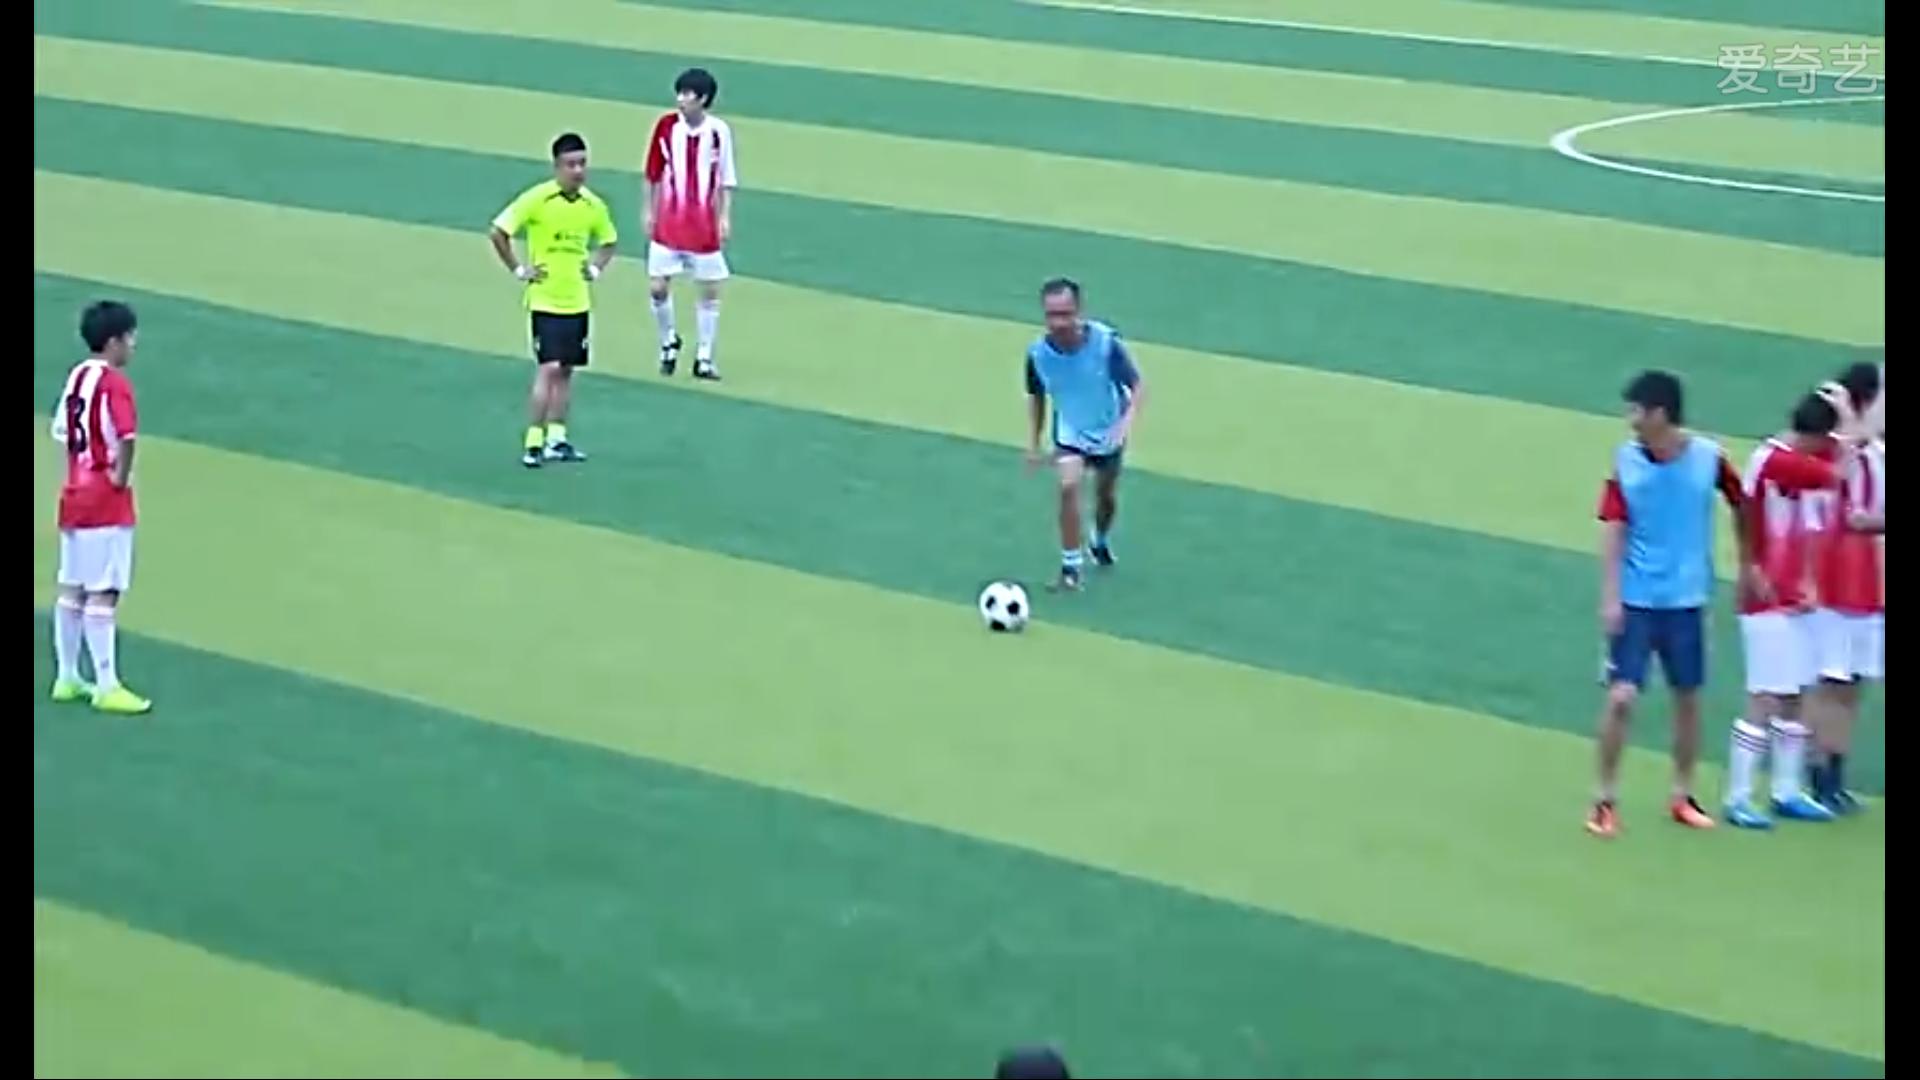 足球改造人 关鸿 小说_有关孩子足球电影_竞彩足球单关投注规则